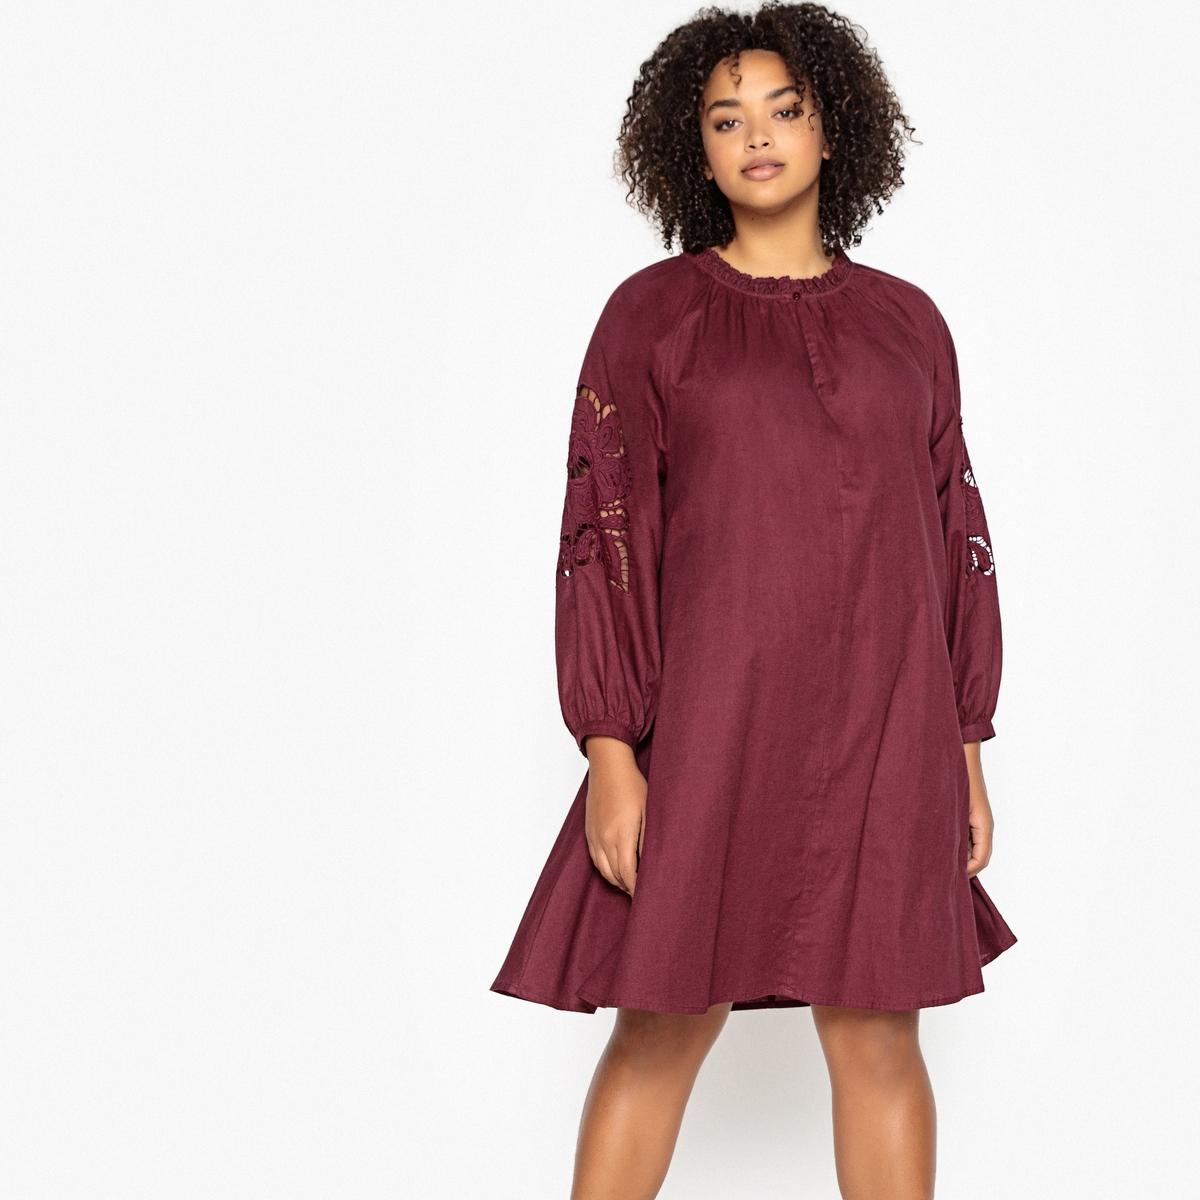 Платье-миди La Redoute Расклешенное с длинными рукавами с вышивкой 46 (FR) - 52 (RUS) красный платье миди la redoute расклешенное с короткими рукавами 42 fr 48 rus красный